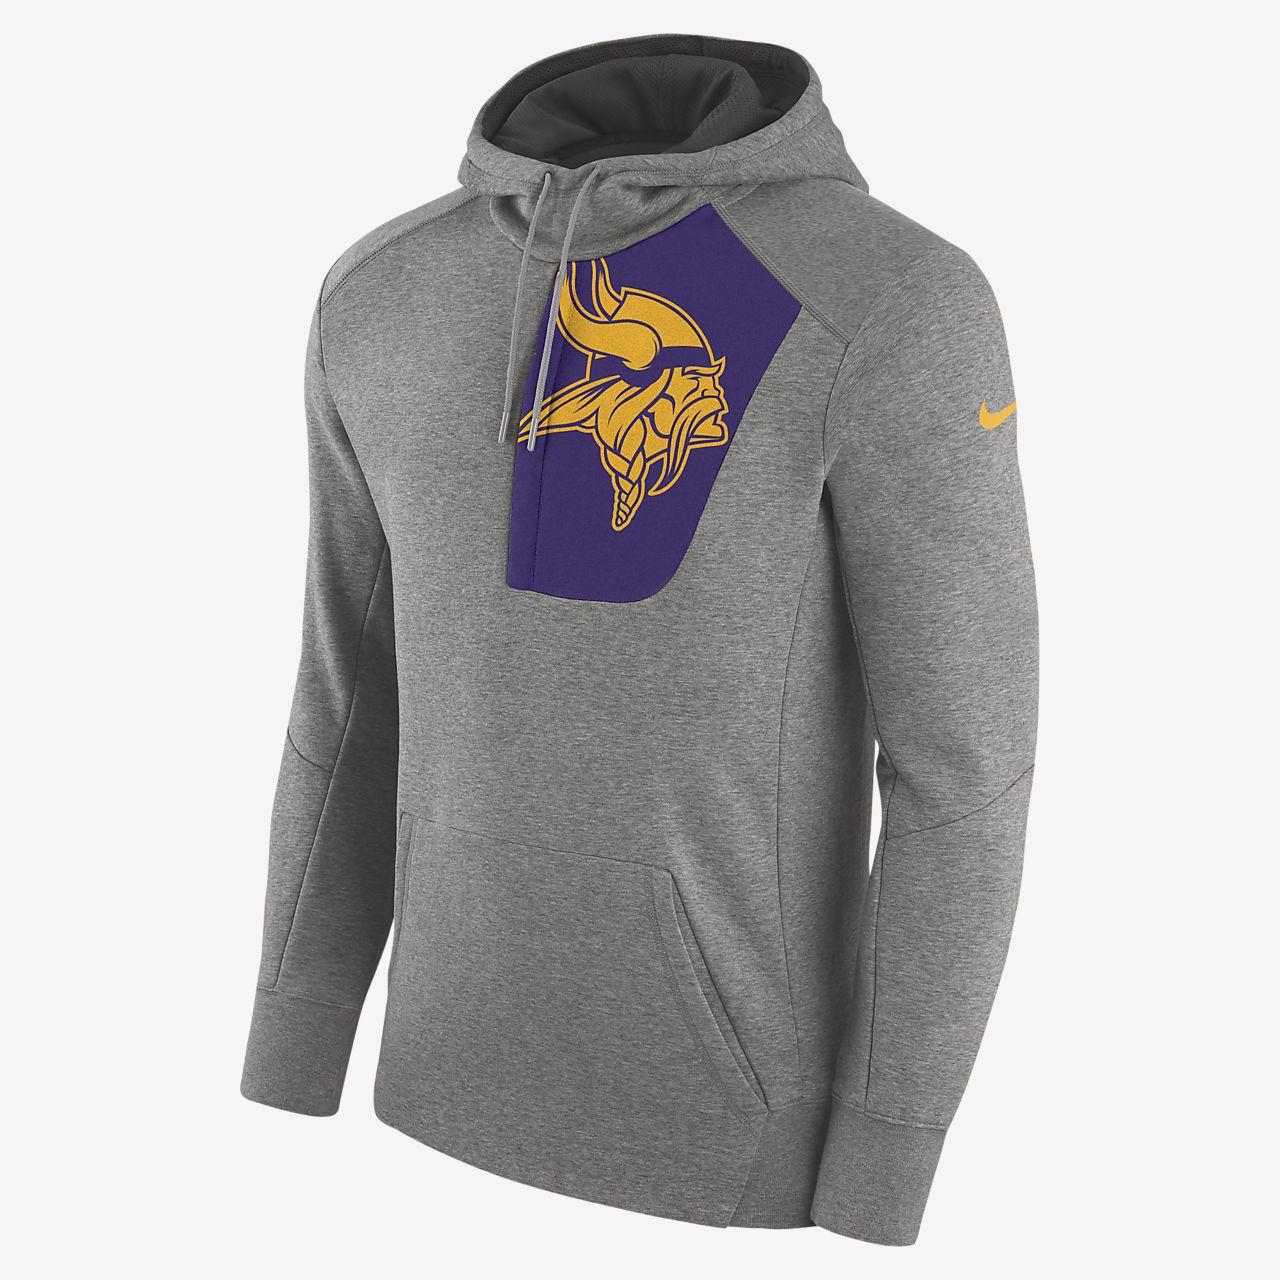 best service c0de9 e20b1 Nike Fly Fleece (NFL Vikings) Men's Hoodie